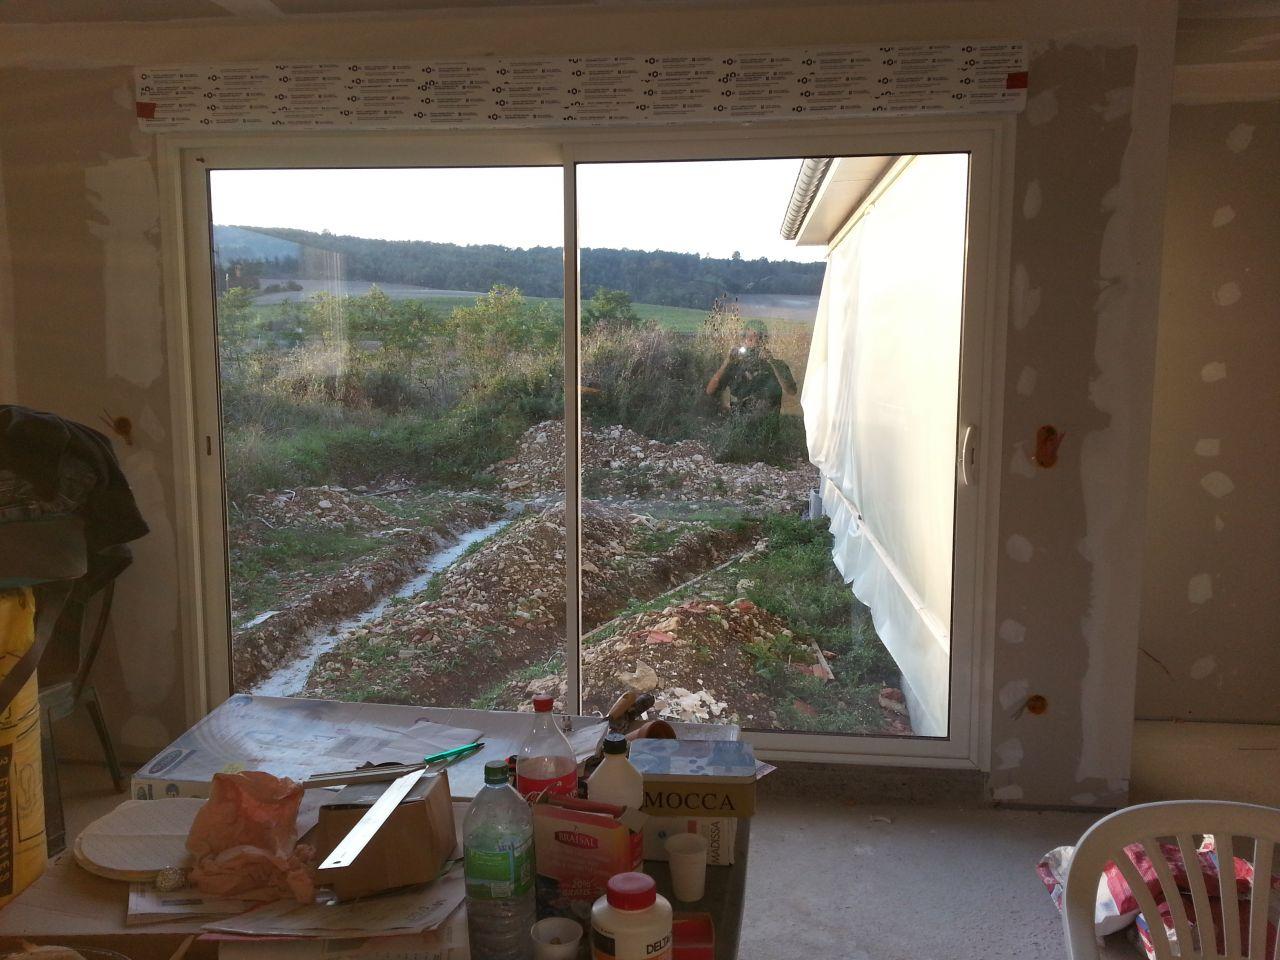 la terrasse n'a pas beaucoup évolué, notamment à cause du temps..... Cela devrait changer cette semaine avec la pose du mur pour rattraper le niveau de la terrasse